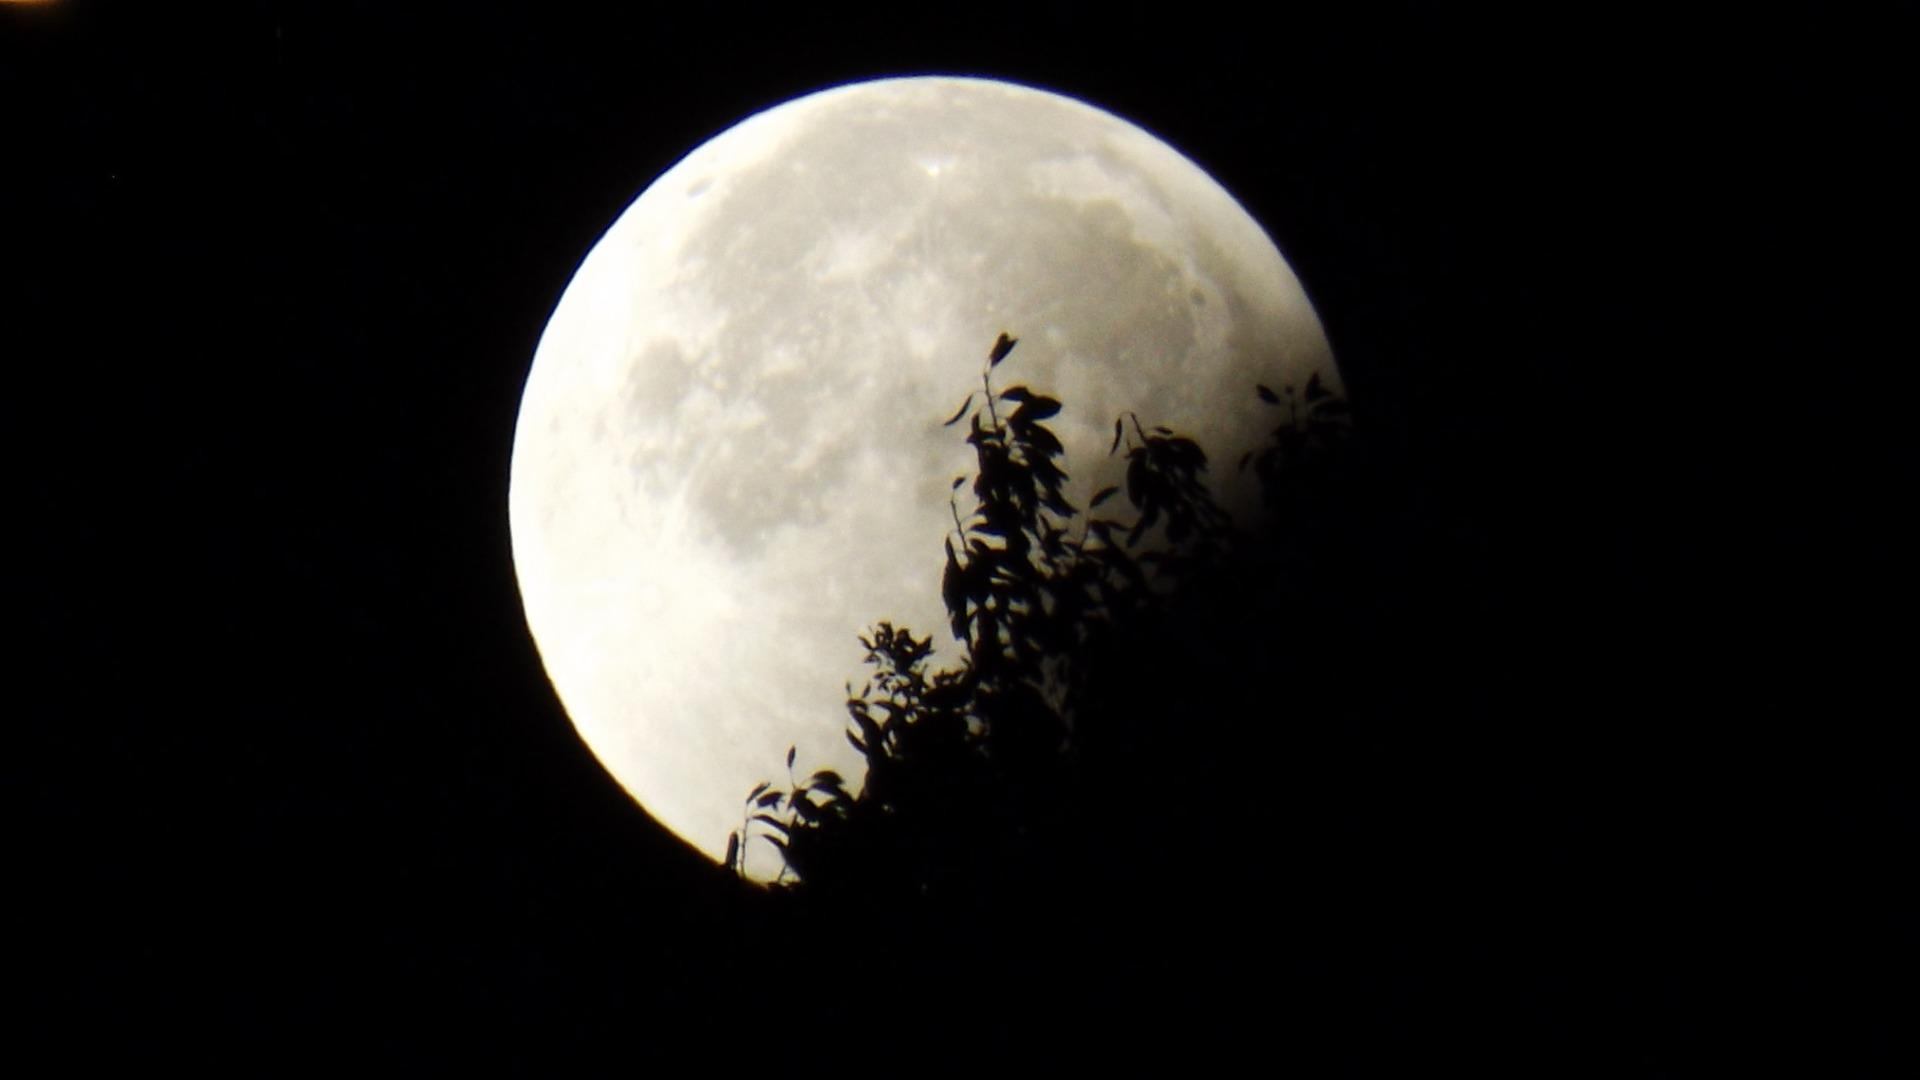 Zatmění Měsíce těsně nad obzorem Země